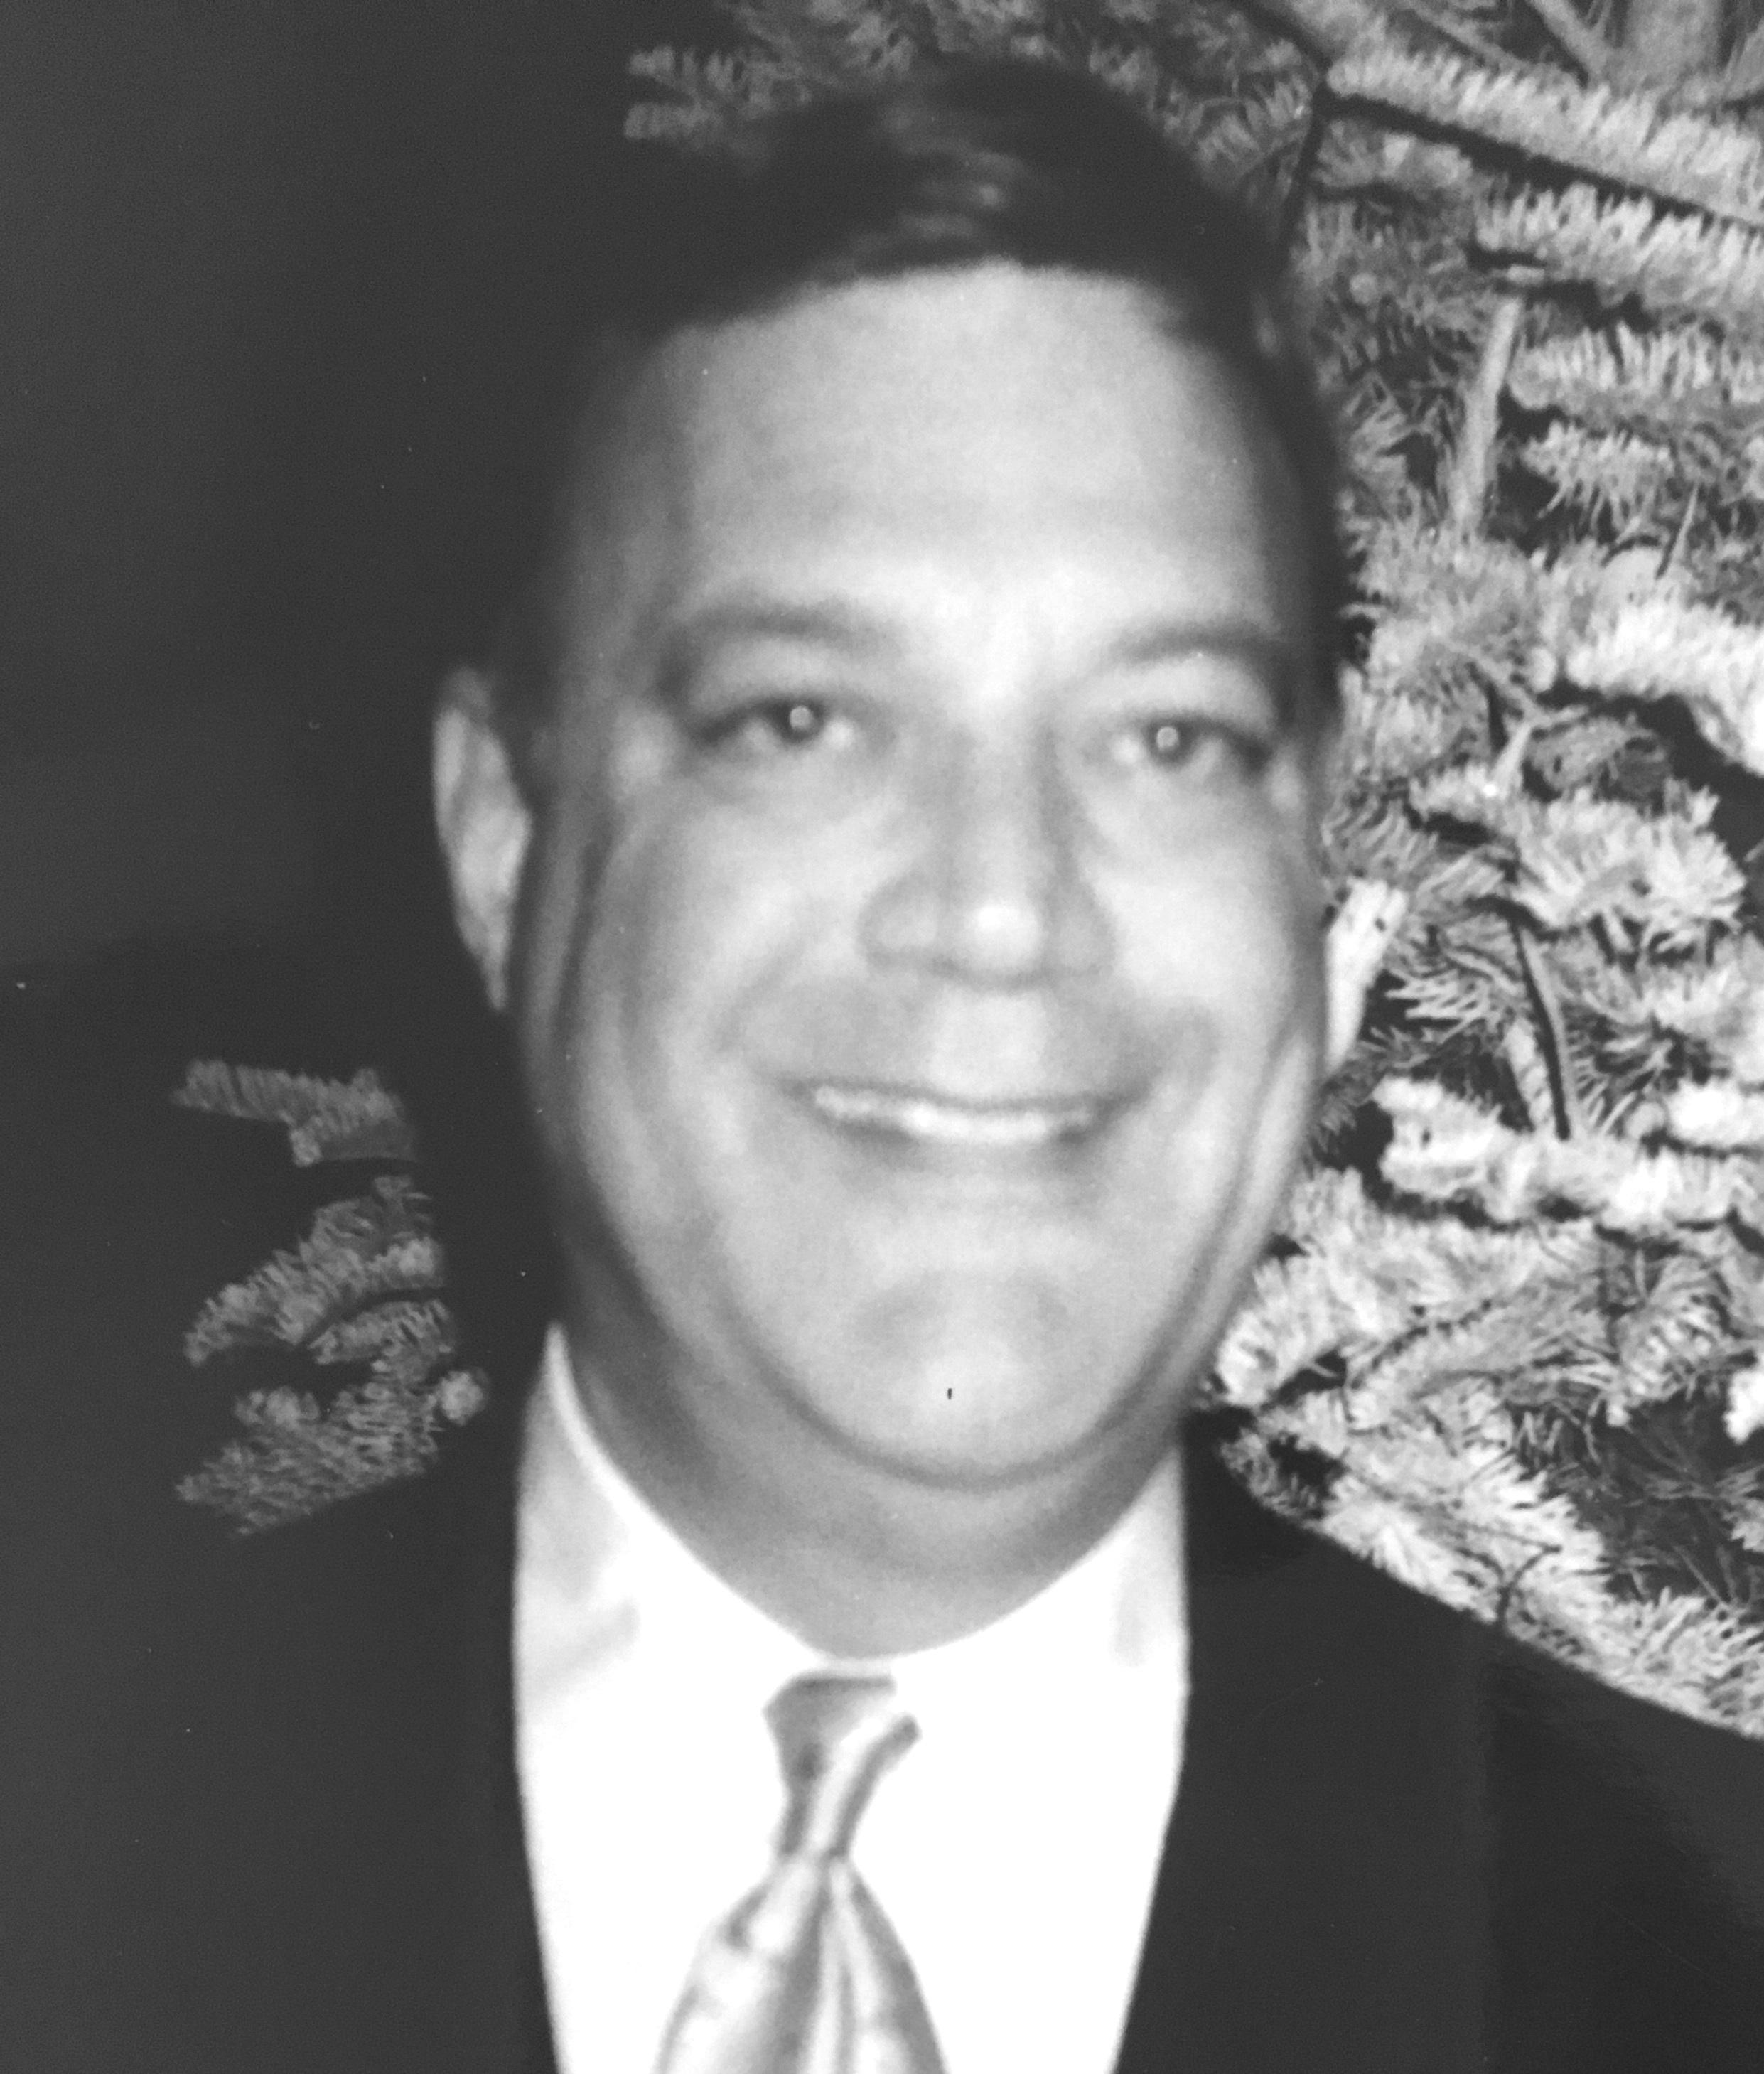 Robert Lewis Fisher